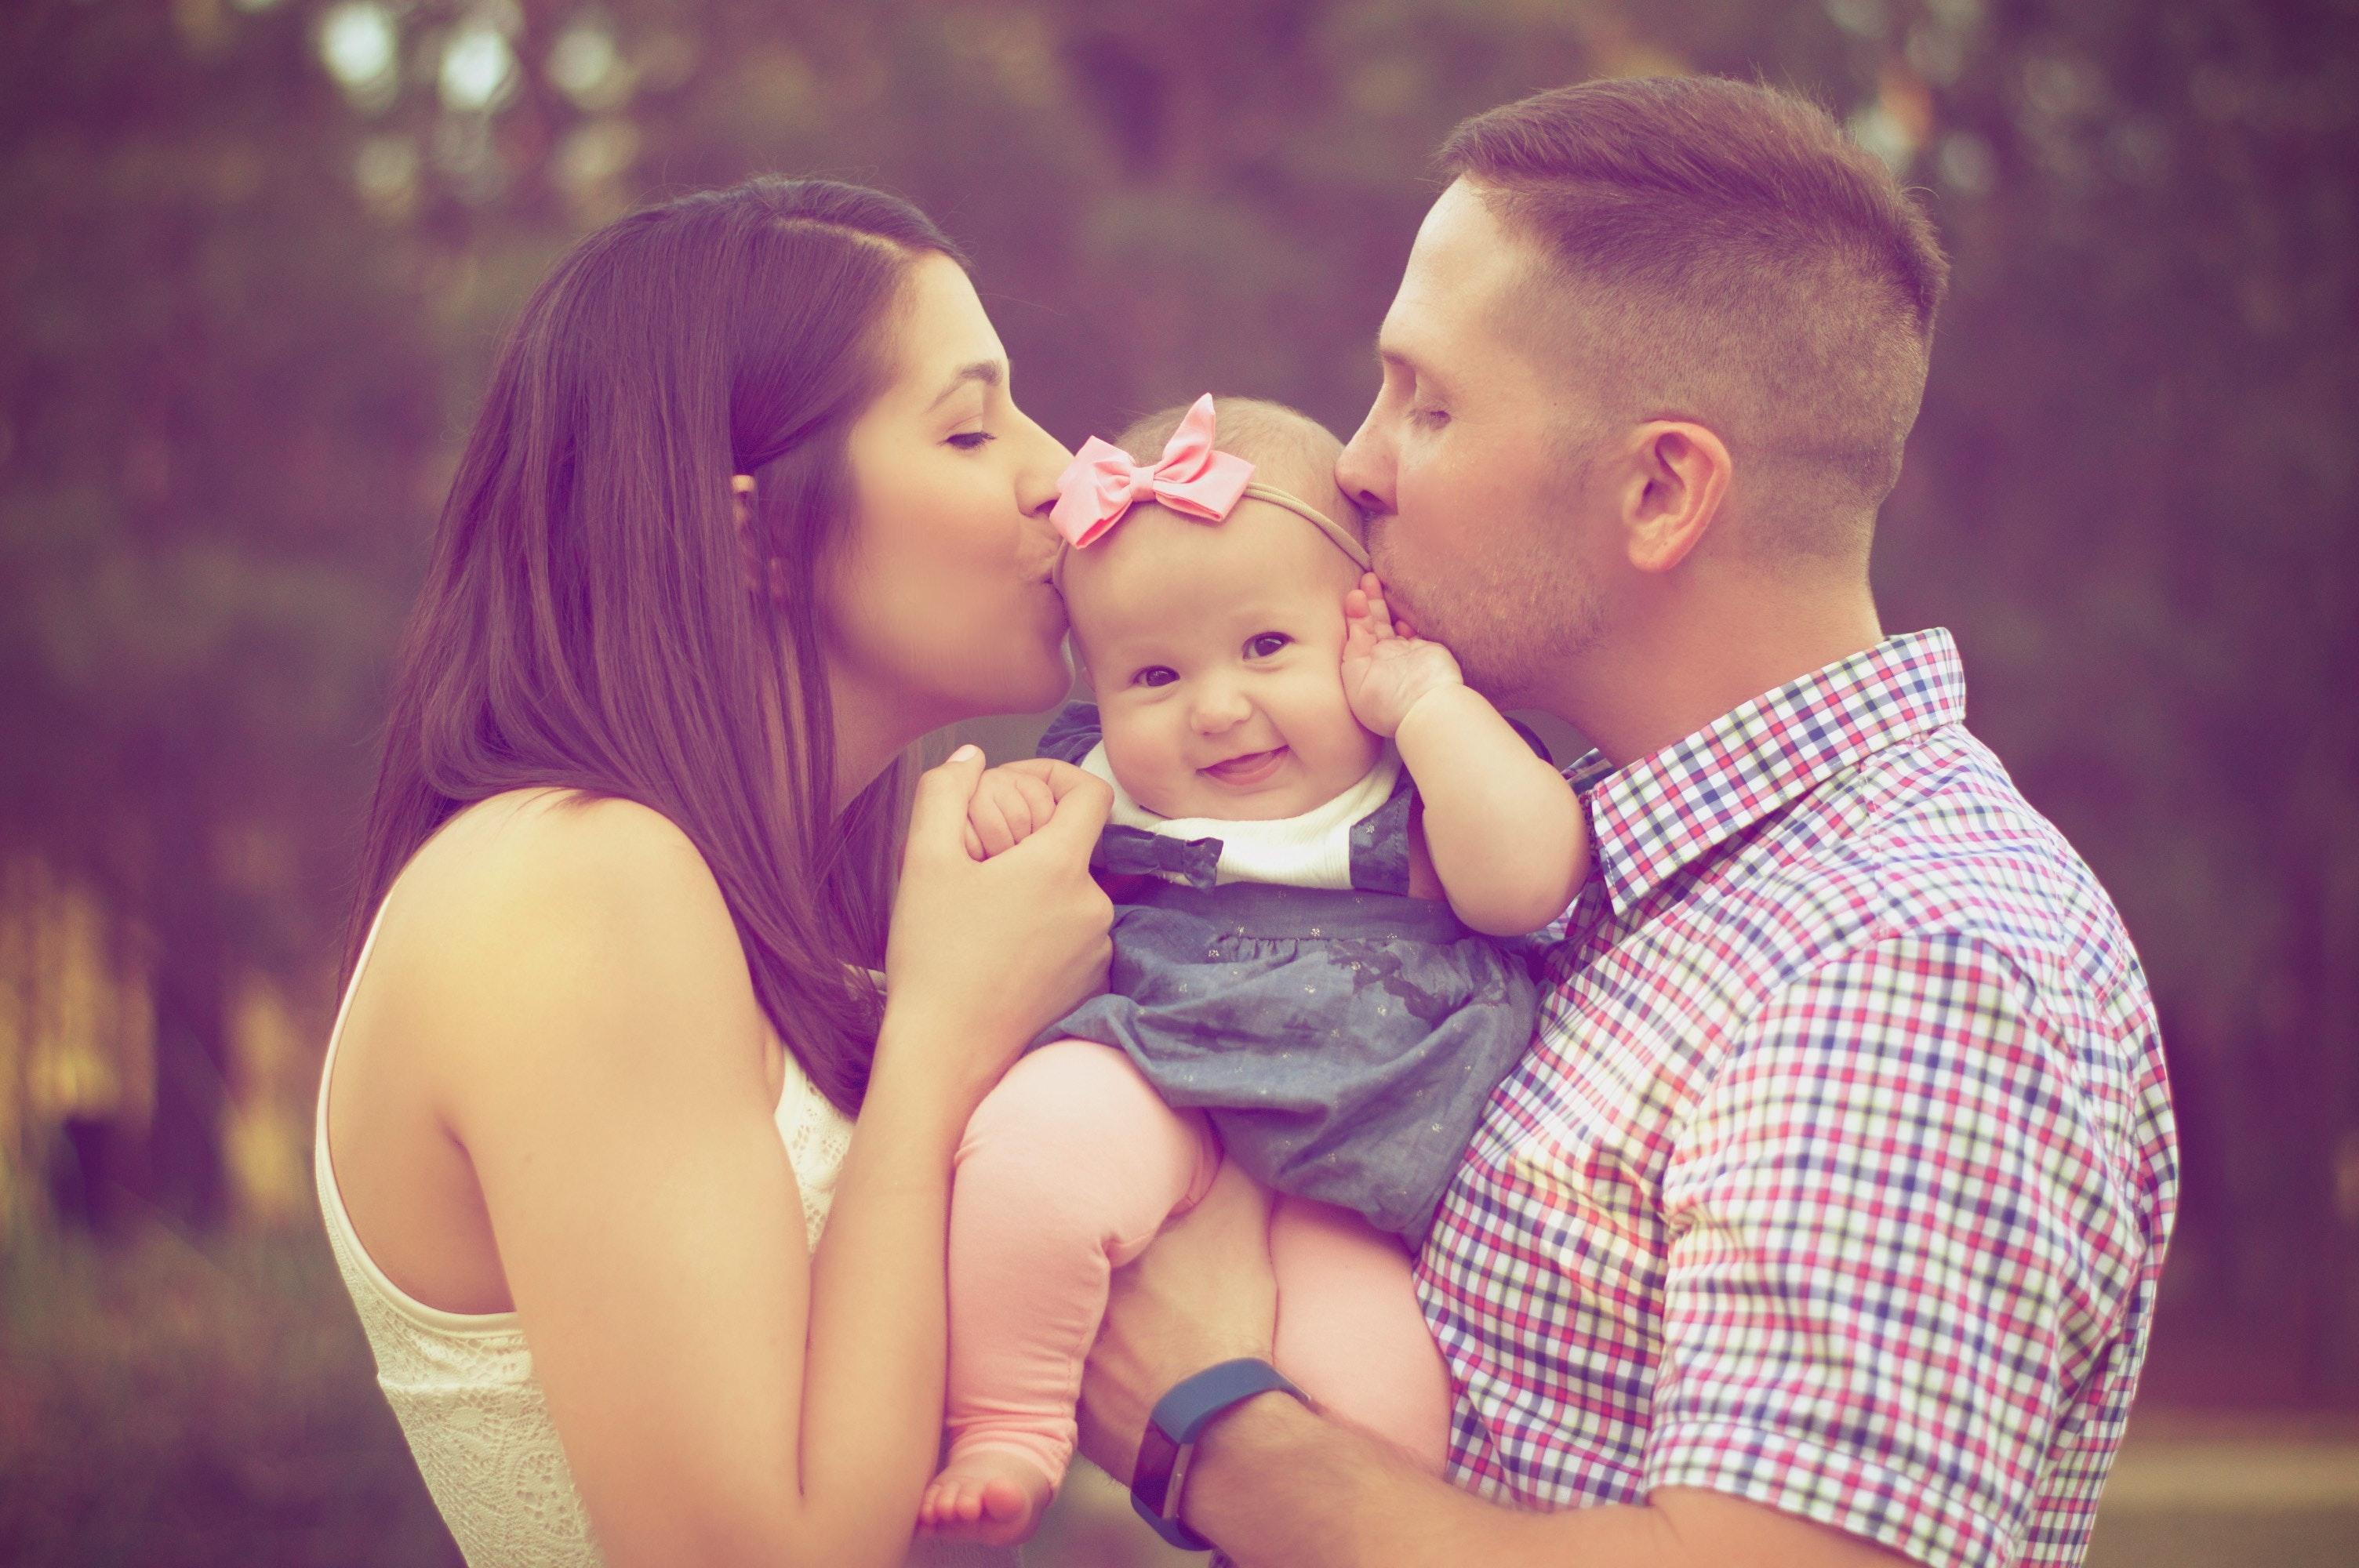 أهمية زرع ثقة الطفل بنفسه